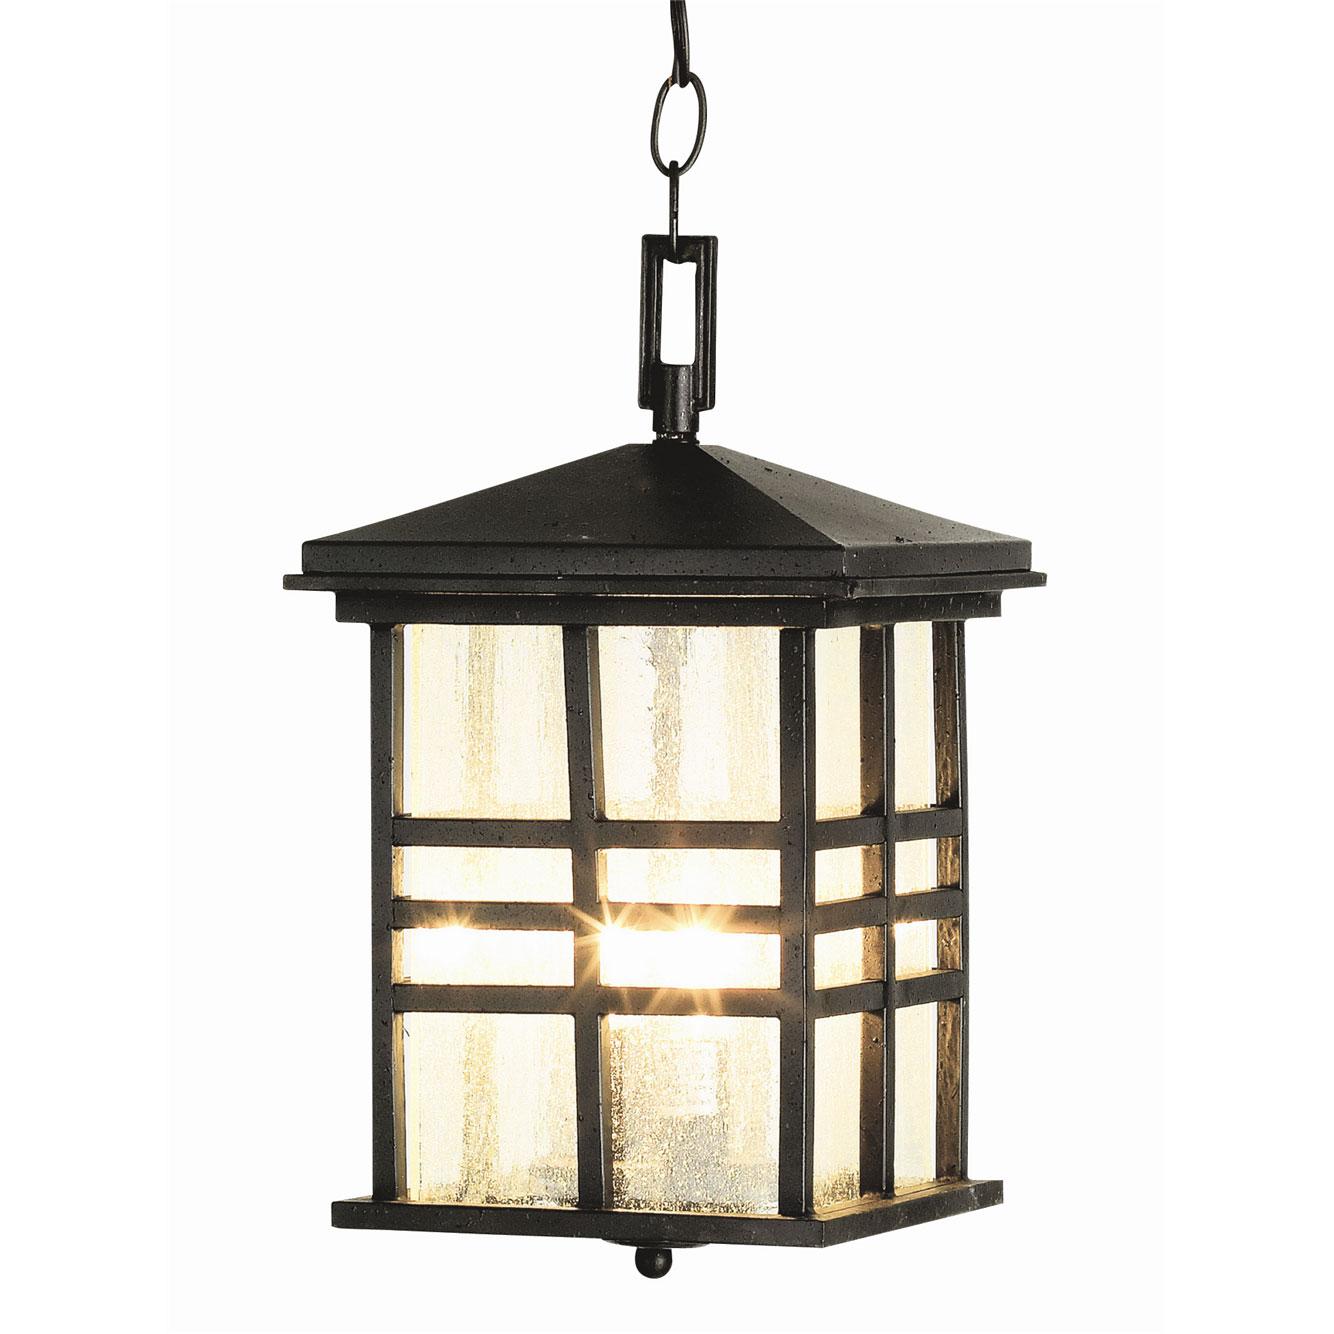 Rustic craftsman outdoor hanging lantern by trans globe 4638 bk